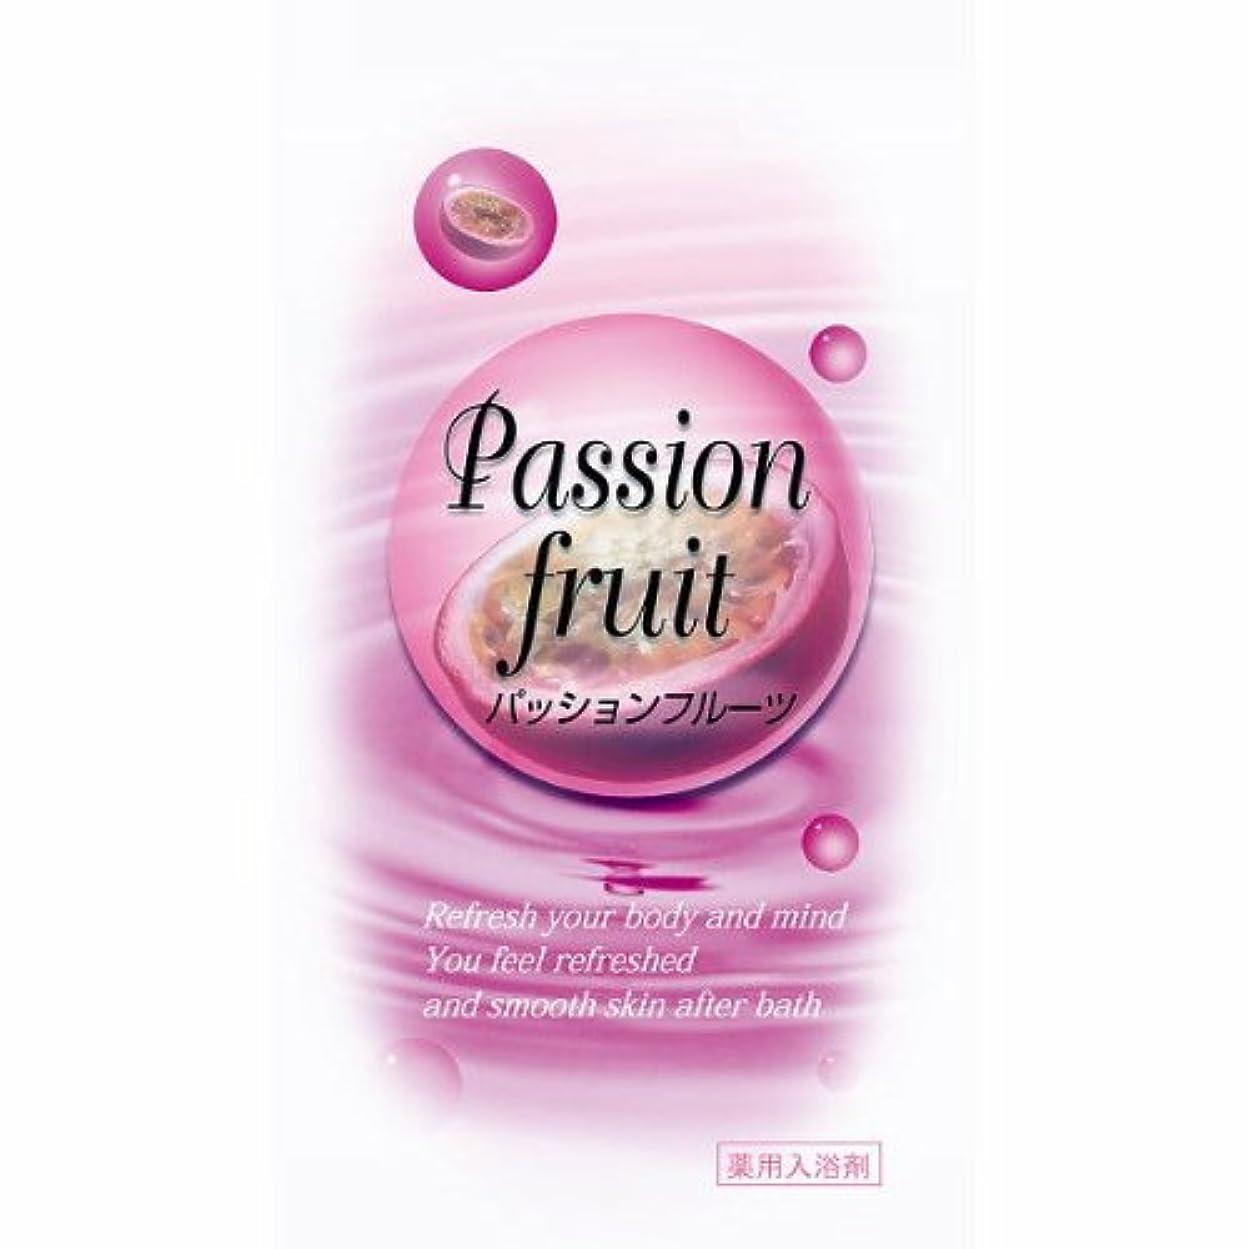 請求書申請中同化トプラン入浴剤 パッションフルーツの香り